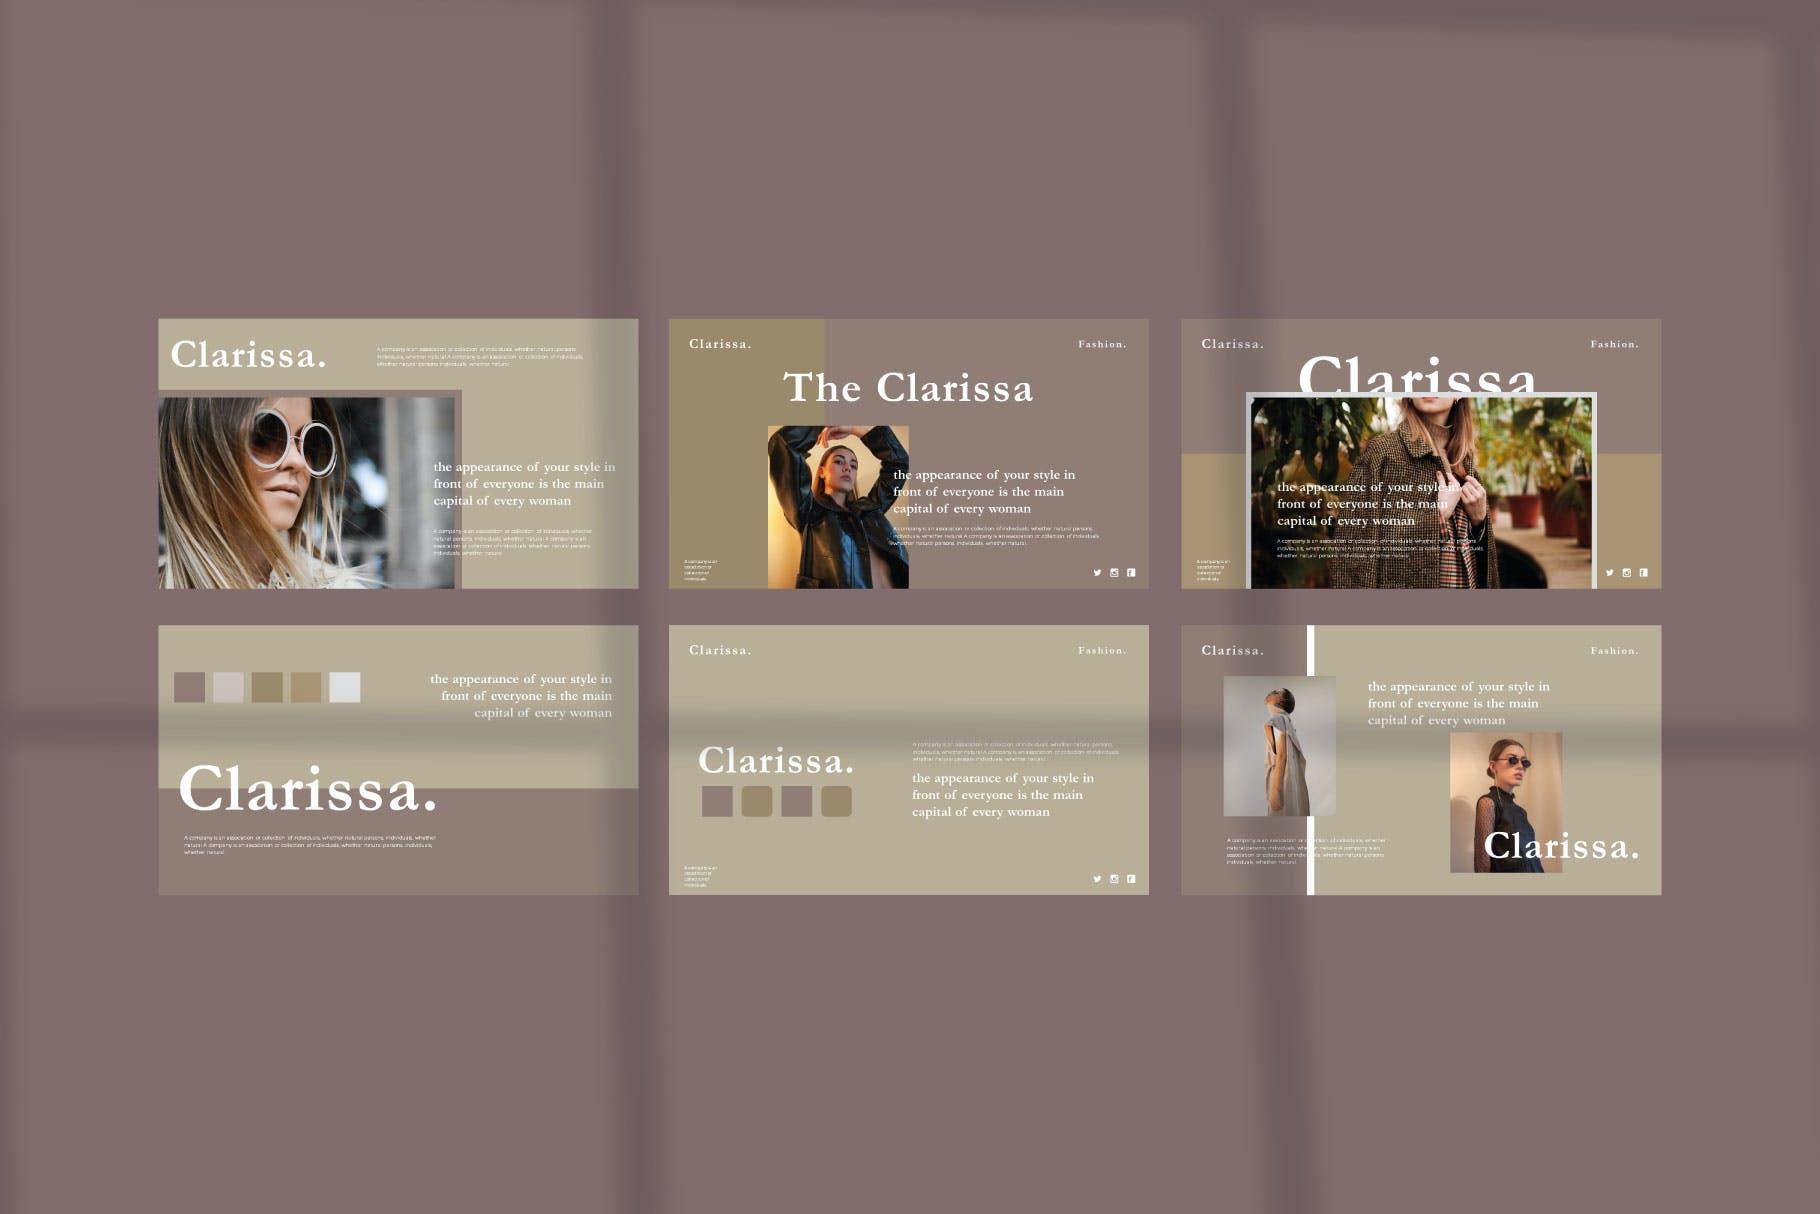 浅色时尚欧美风Powerpoint模板下载 Clarissa – Powerpoint Template设计素材模板